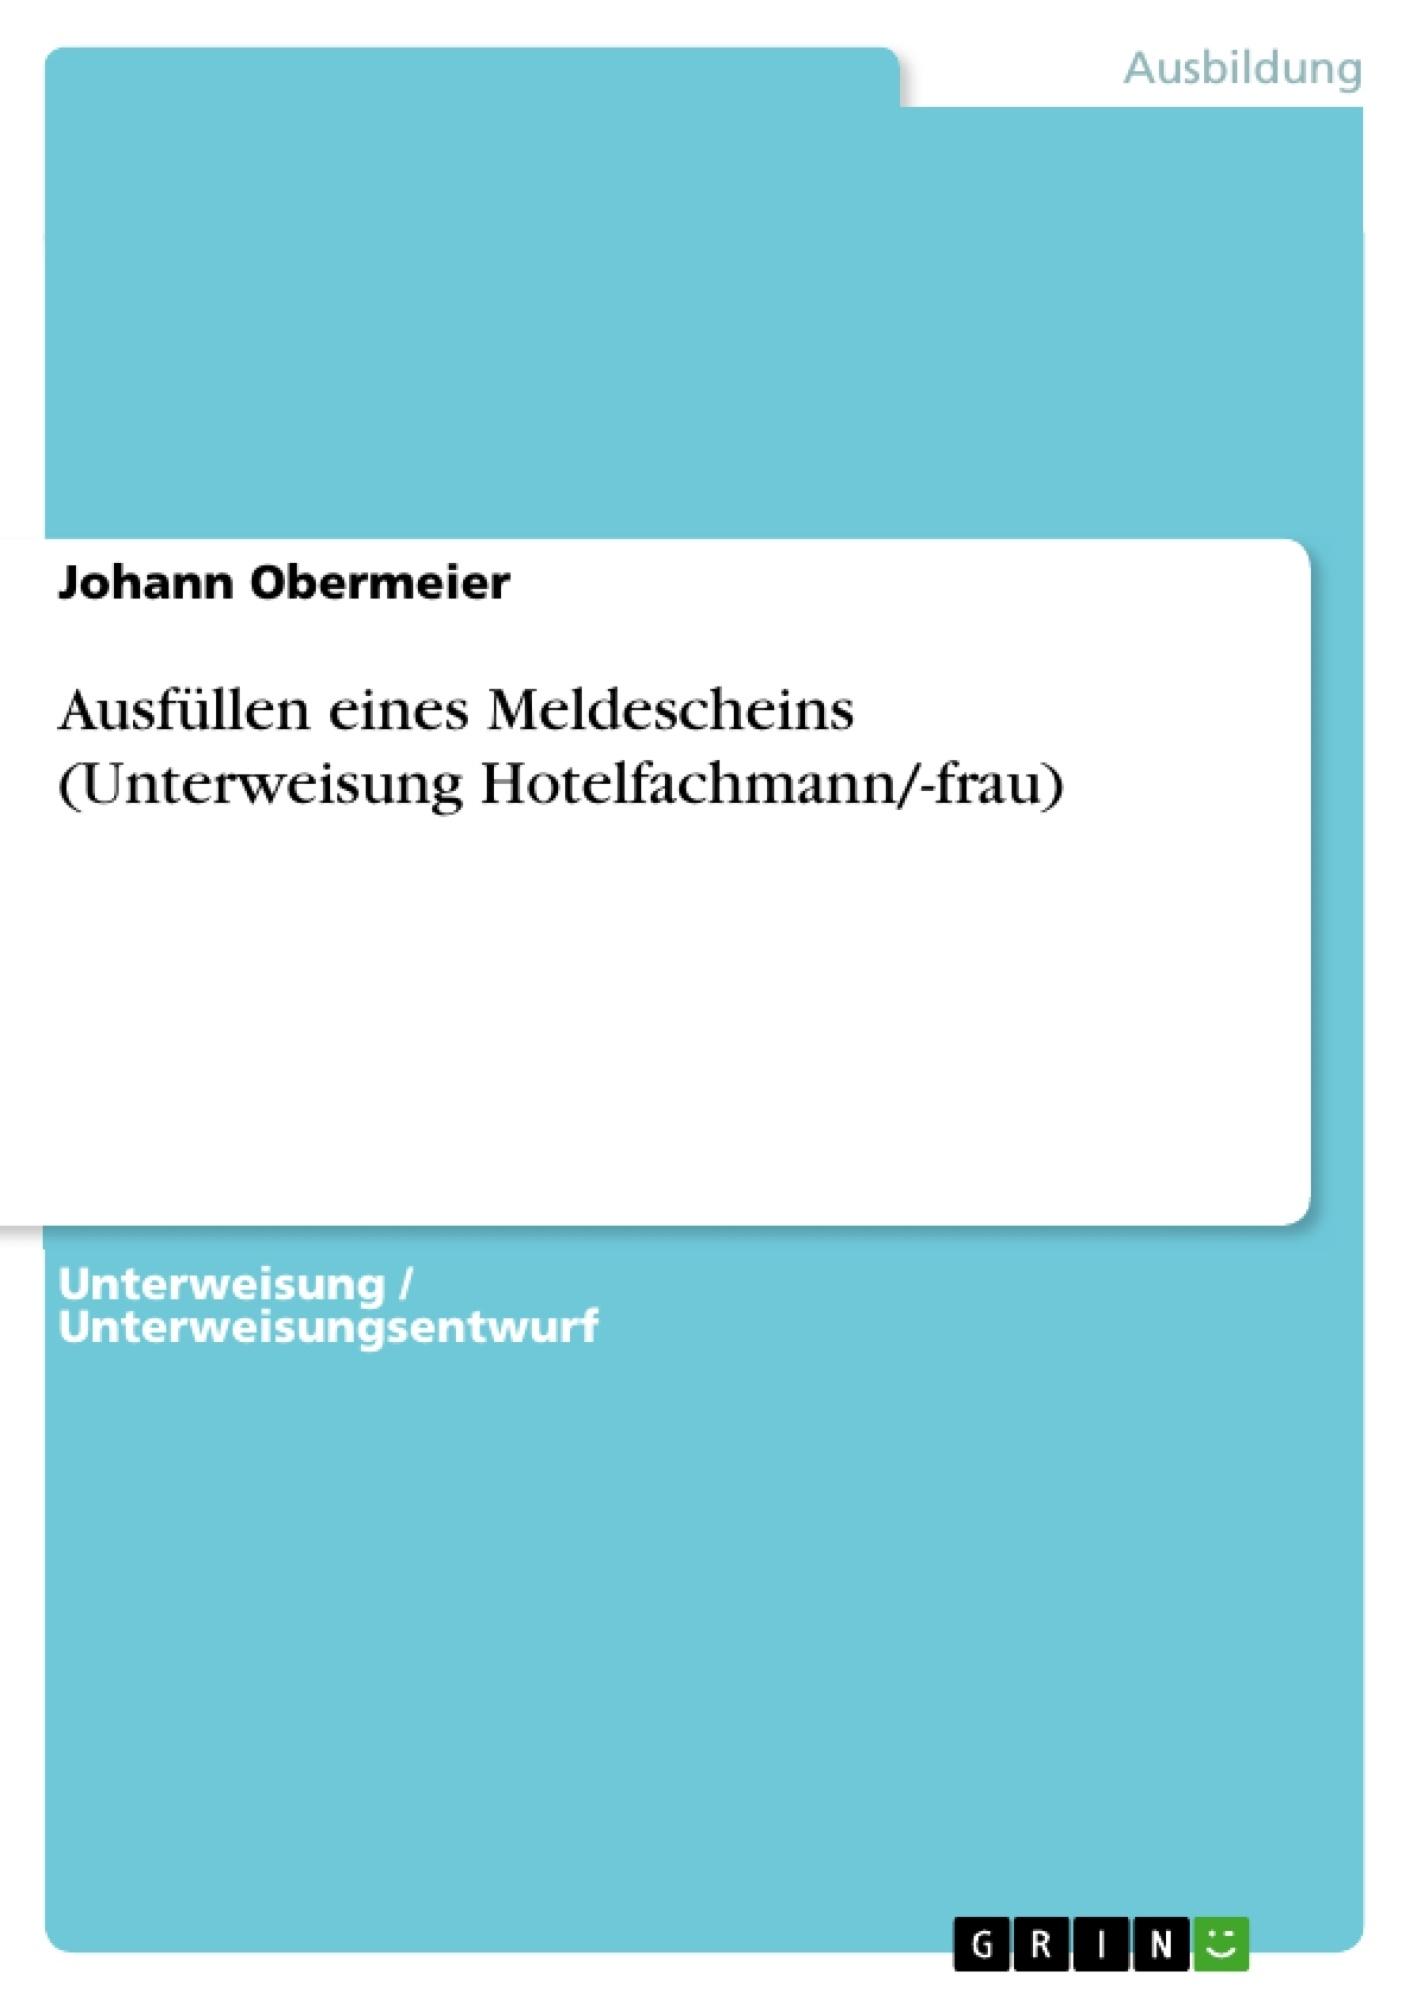 Titel: Ausfüllen eines Meldescheins (Unterweisung Hotelfachmann/-frau)